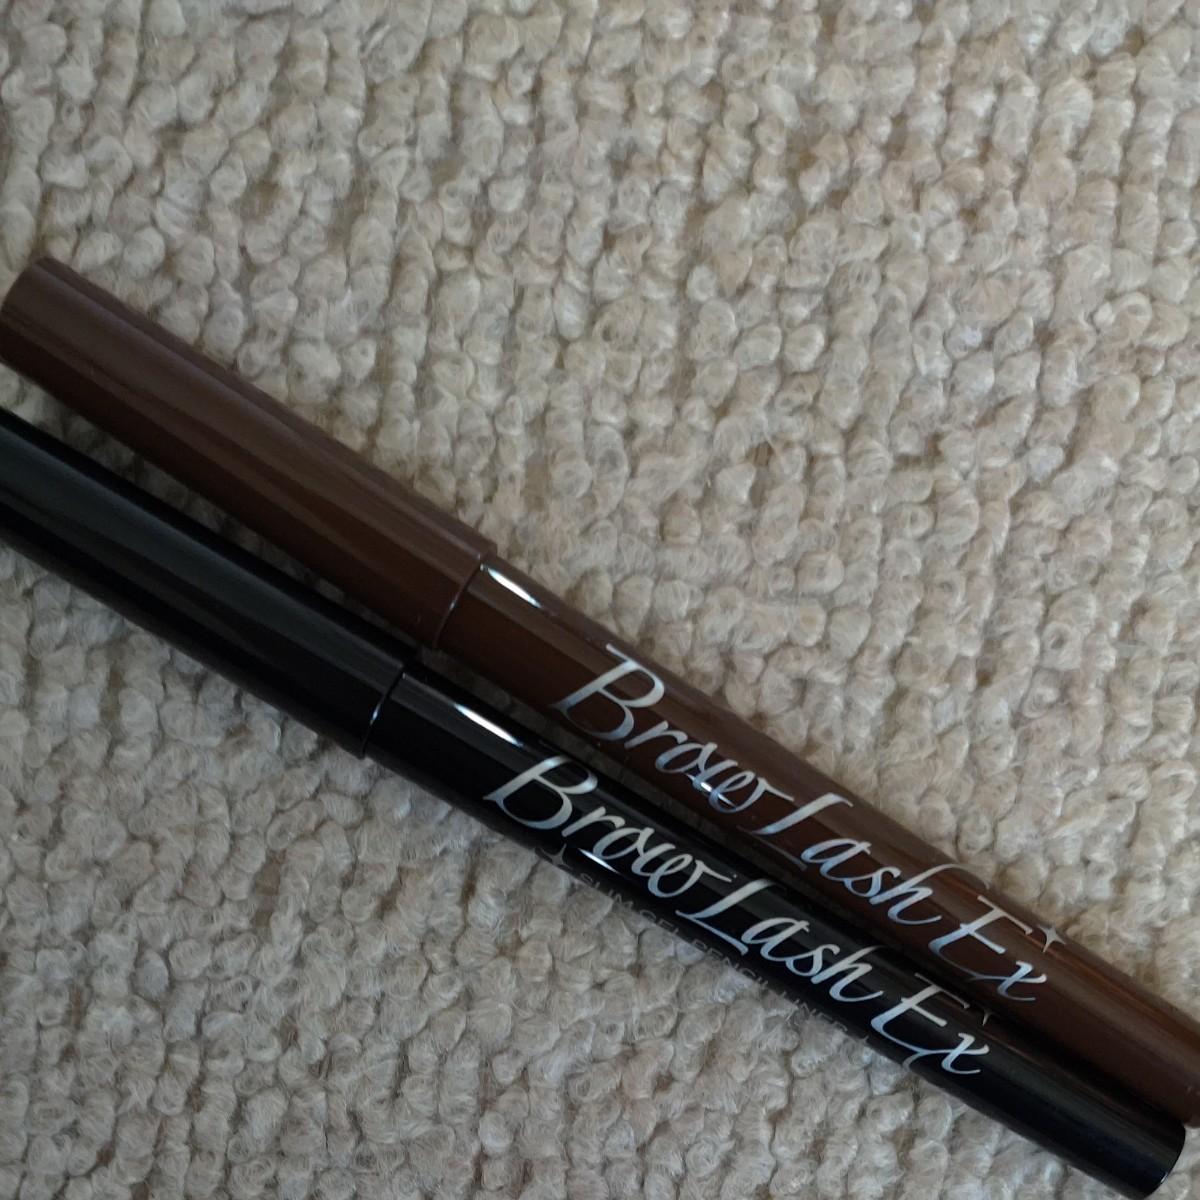 ブロウラッシュEX スリム ジェルペンシル 濃縮ブラウン/濃縮ブラック  アイライナー